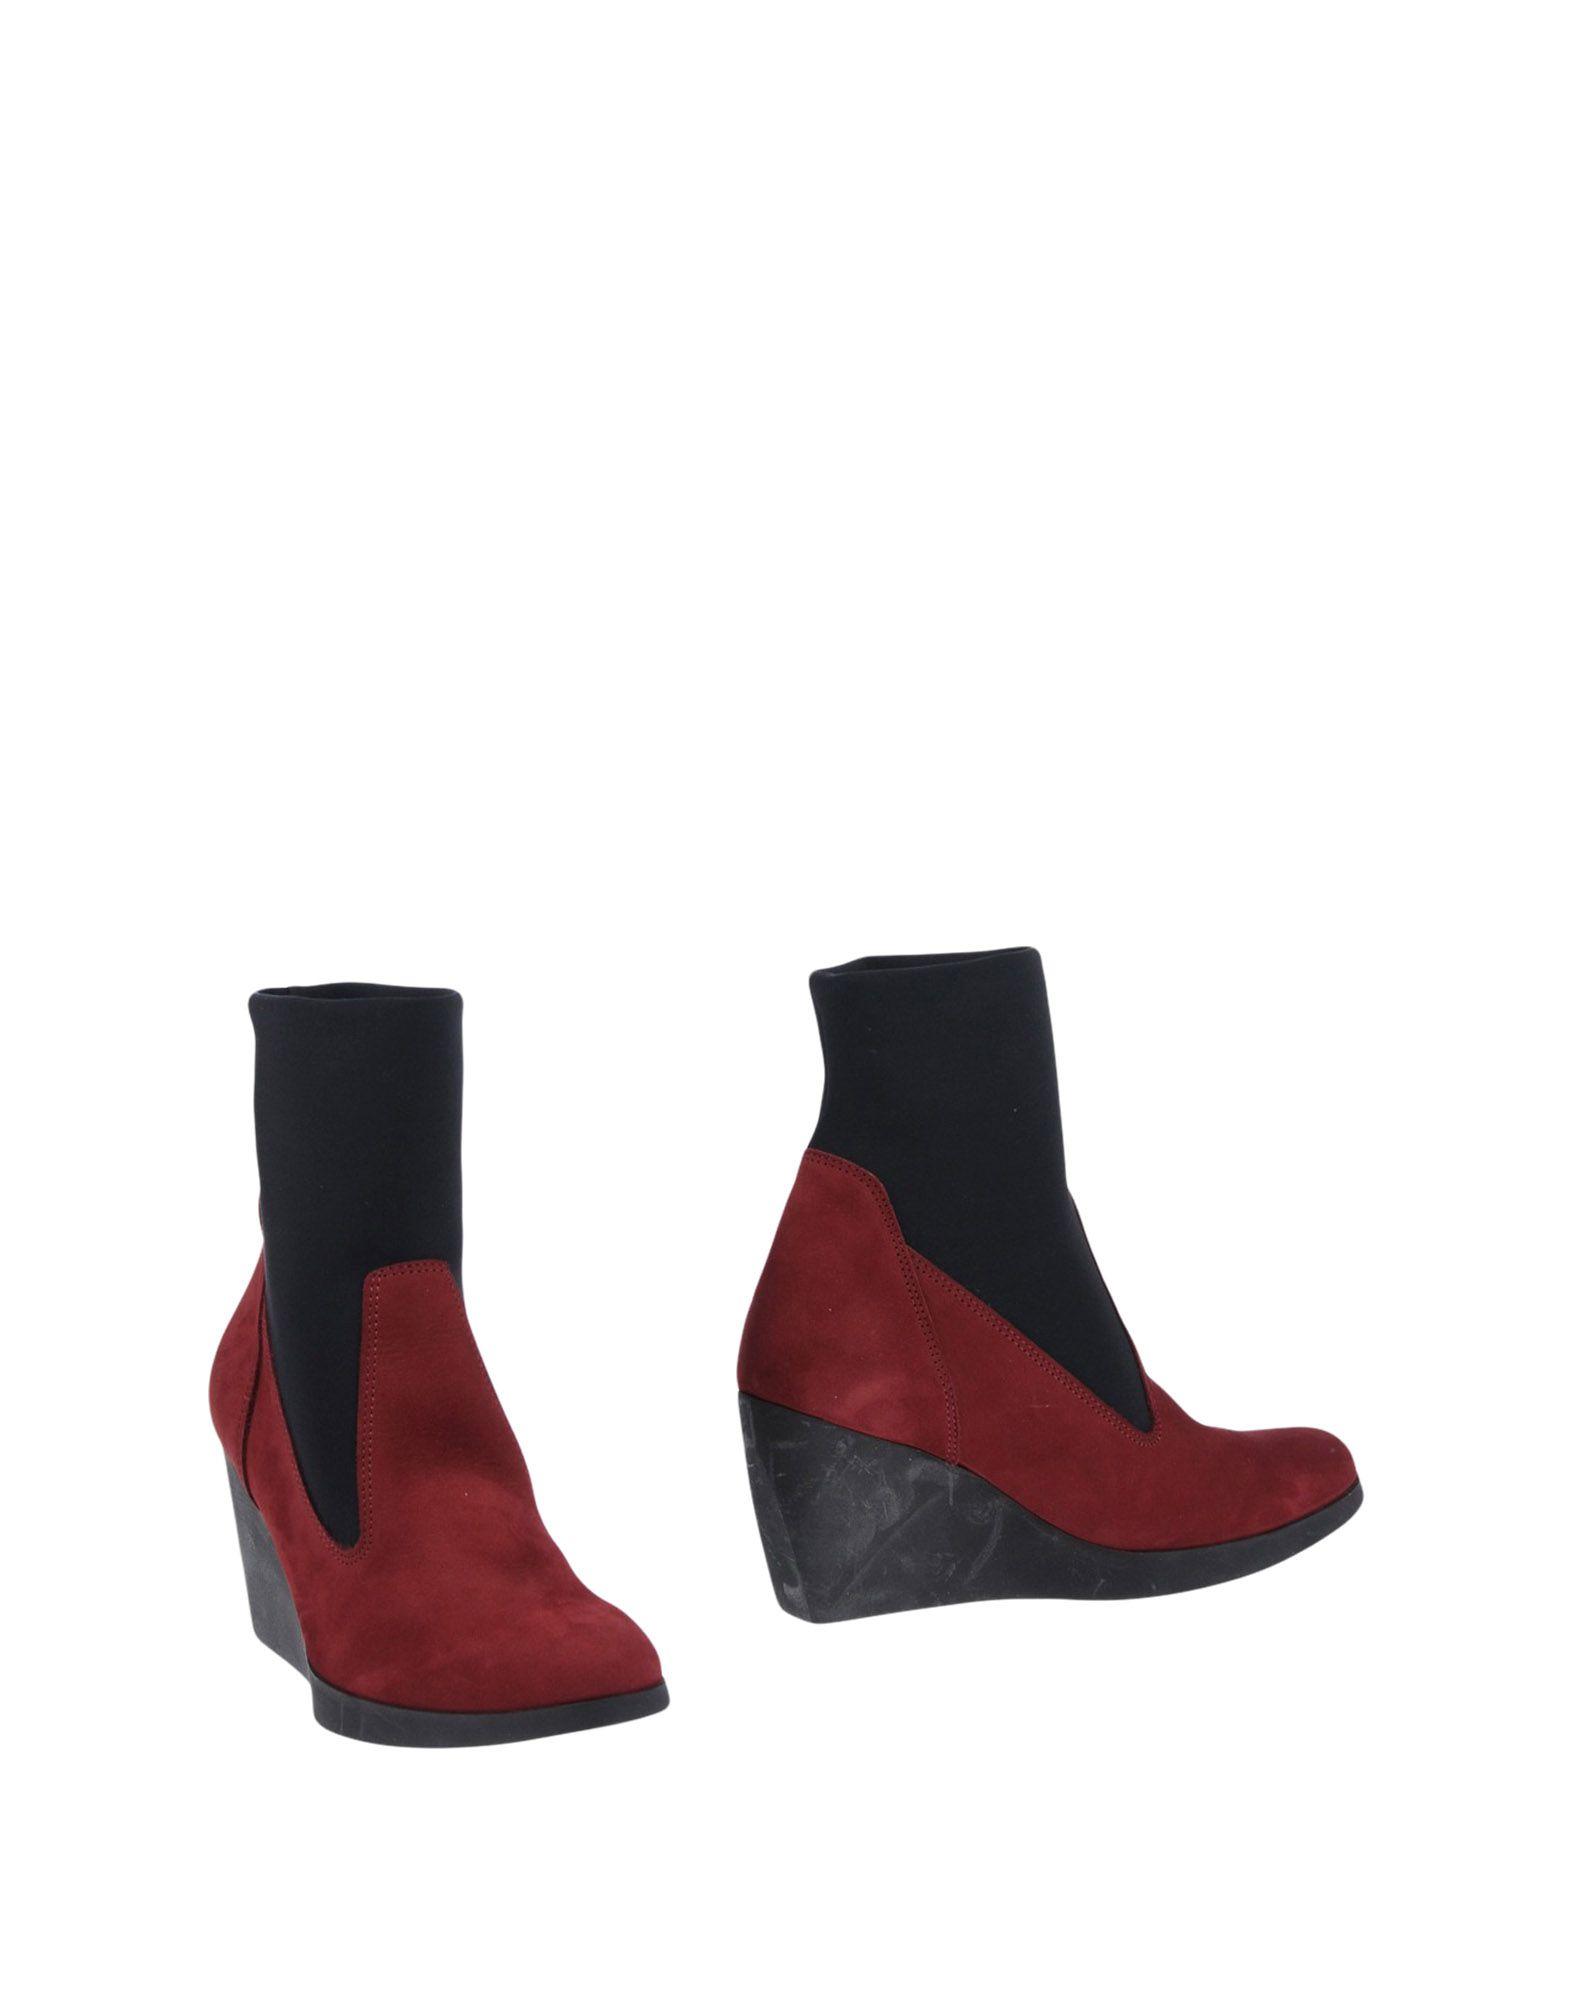 Stiefelette Arche Stiefelette  Damen  11457722LE Heiße Schuhe 86c442